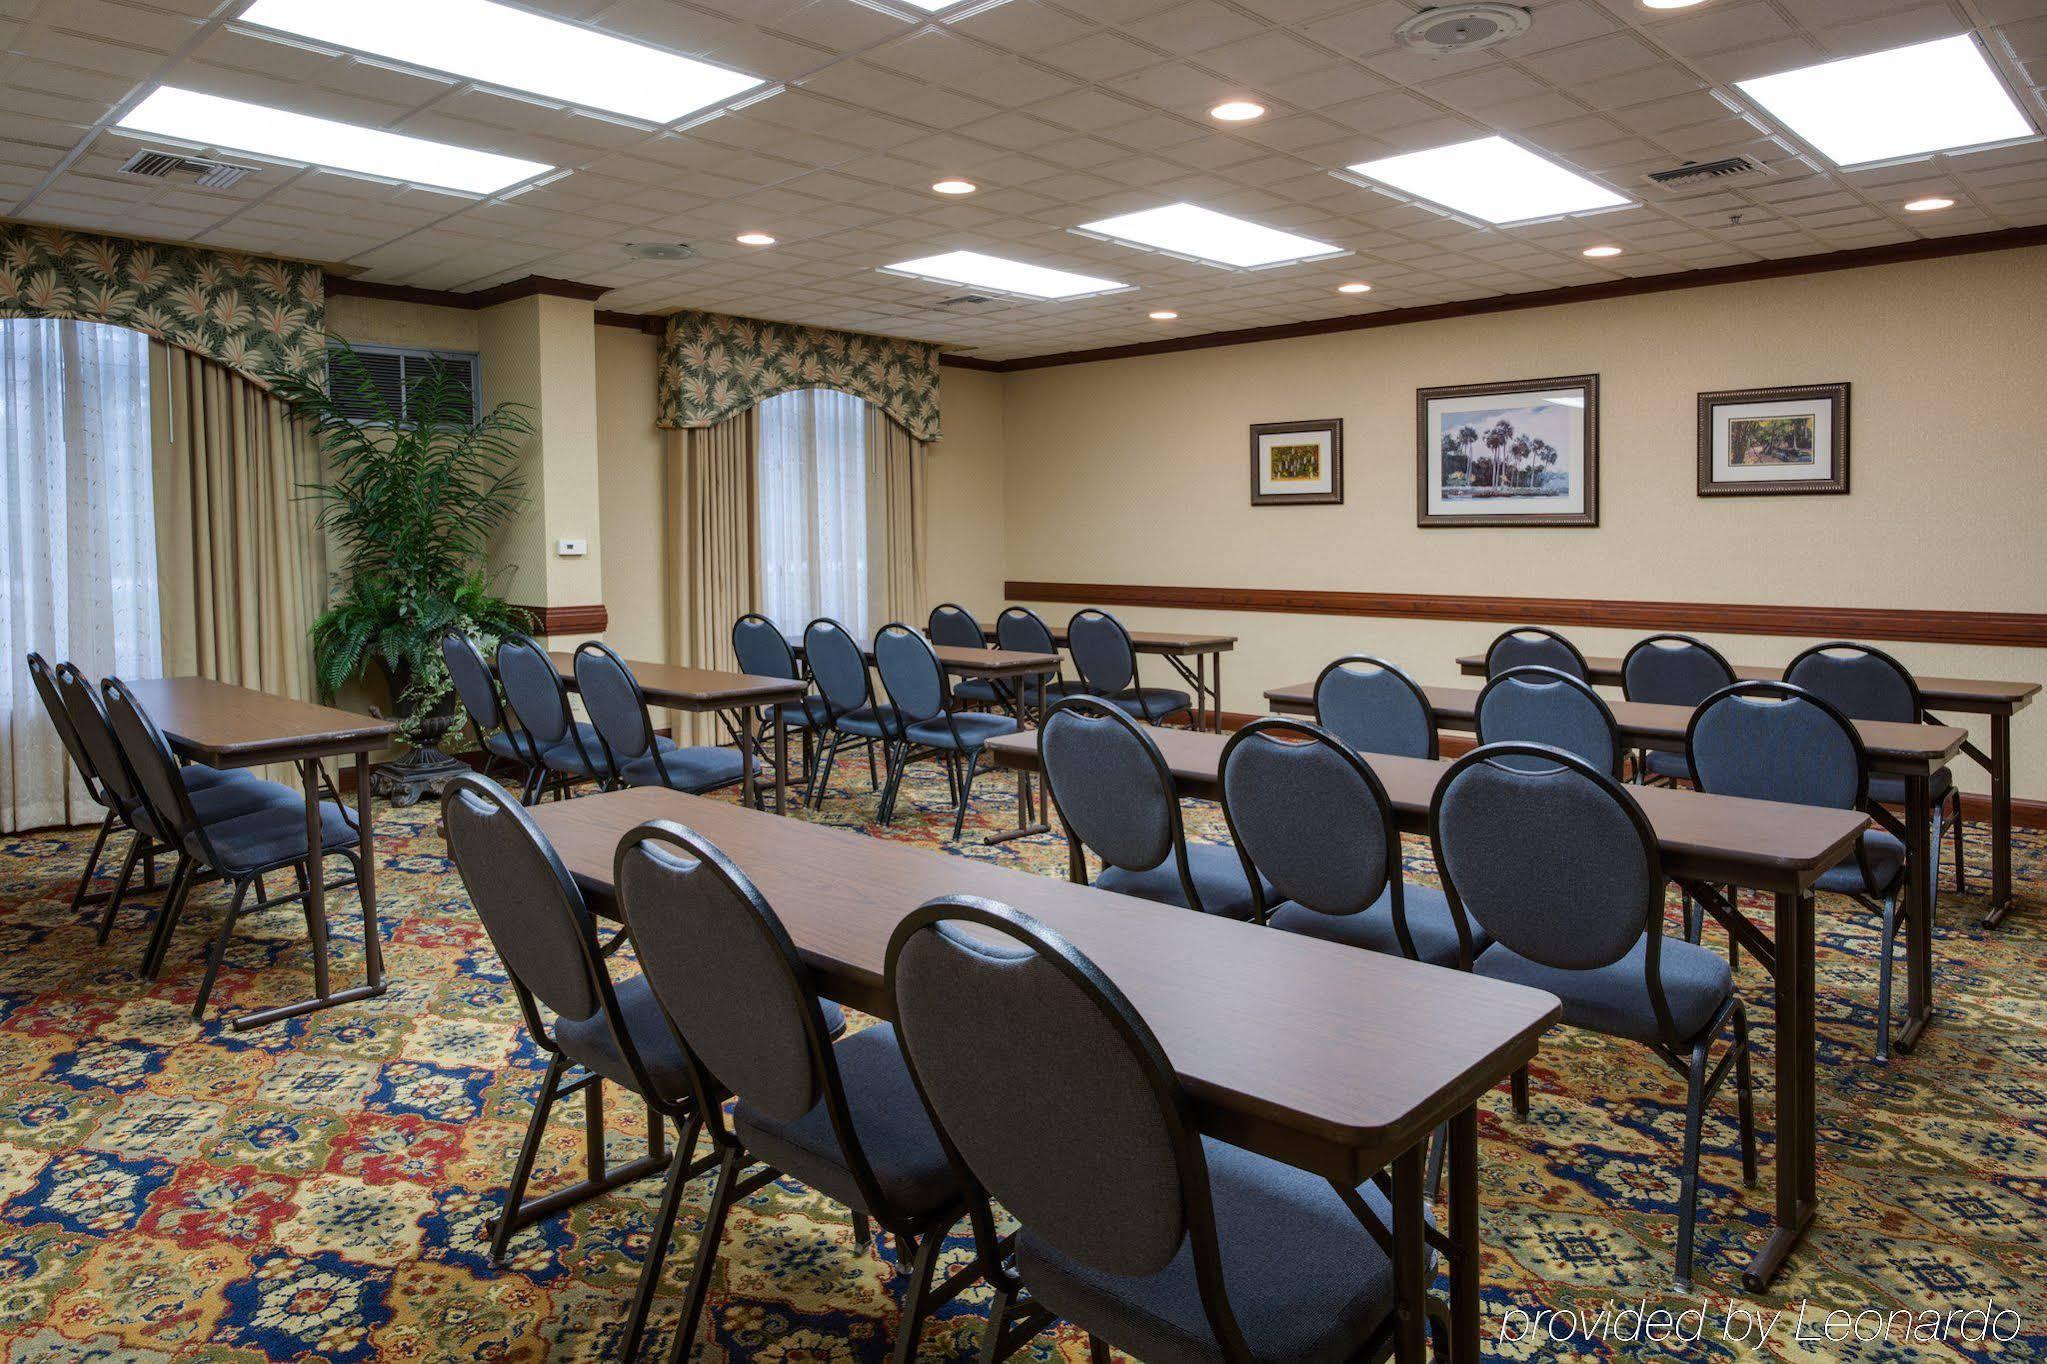 Country Inn & Suites By Carlson, Vero Beach-I-95, FL